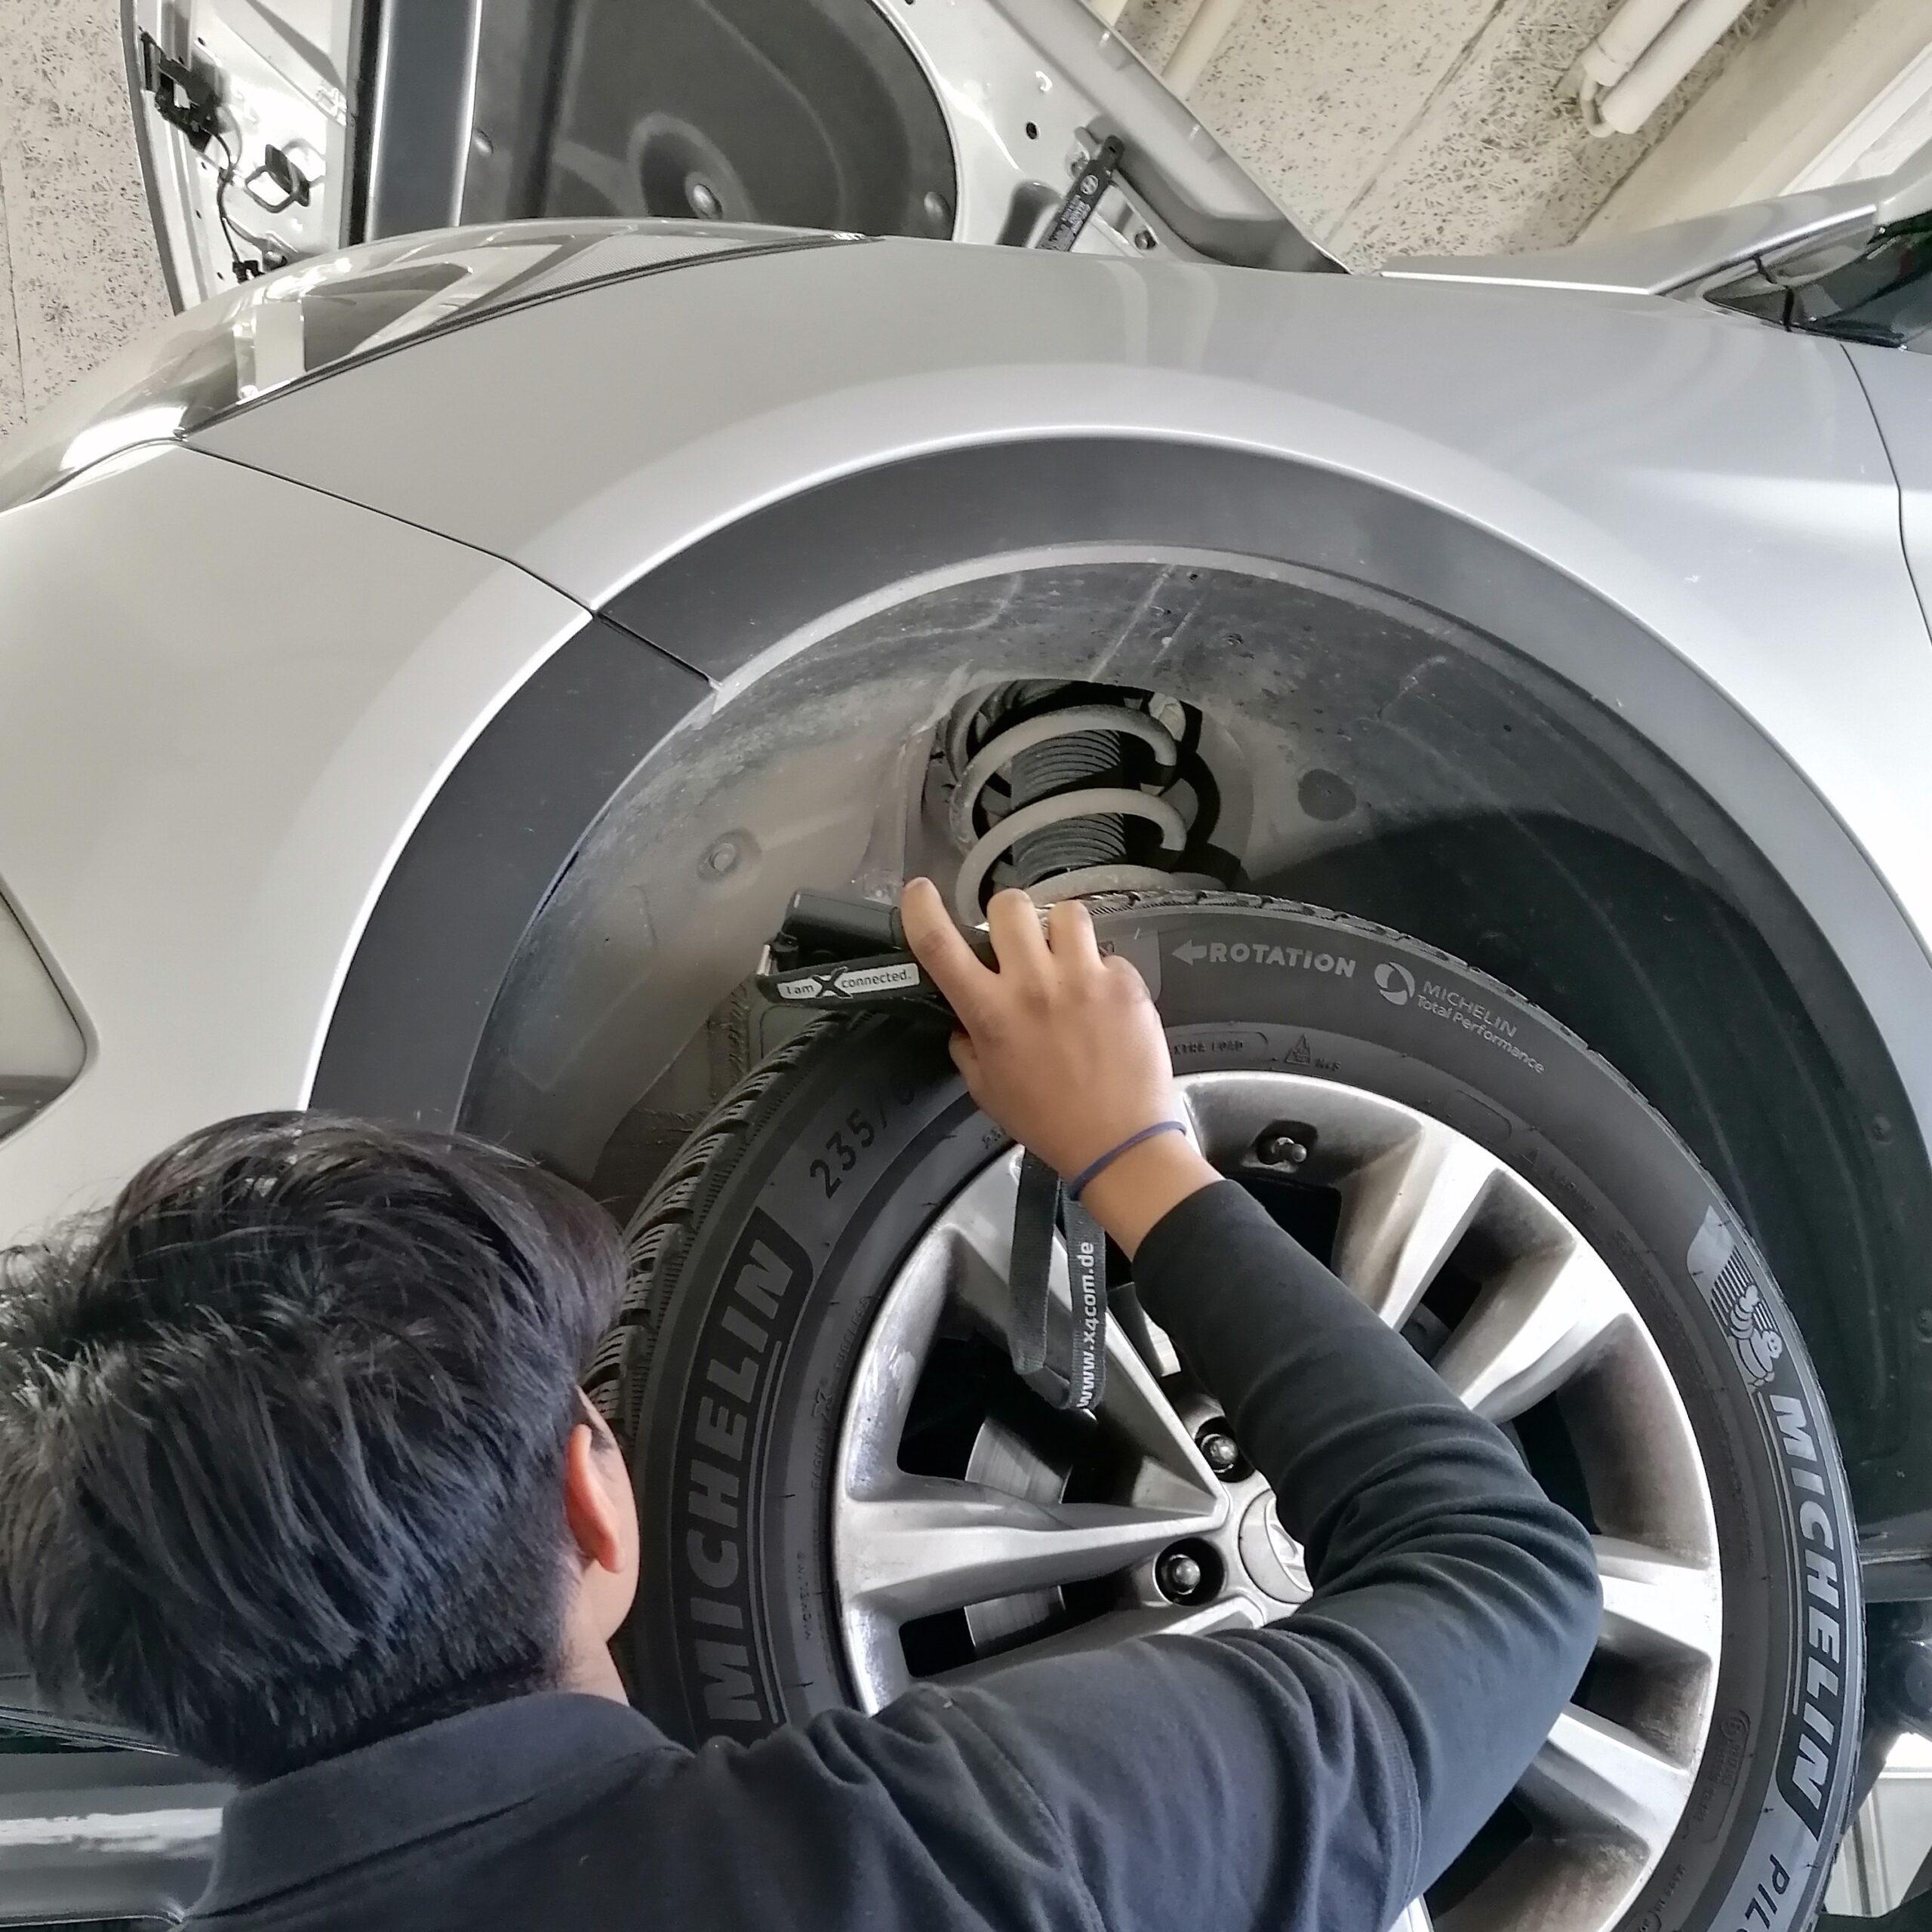 Überlass uns die gesamte Abwicklung rund um die wiederholte Fahrzeugprüfung.